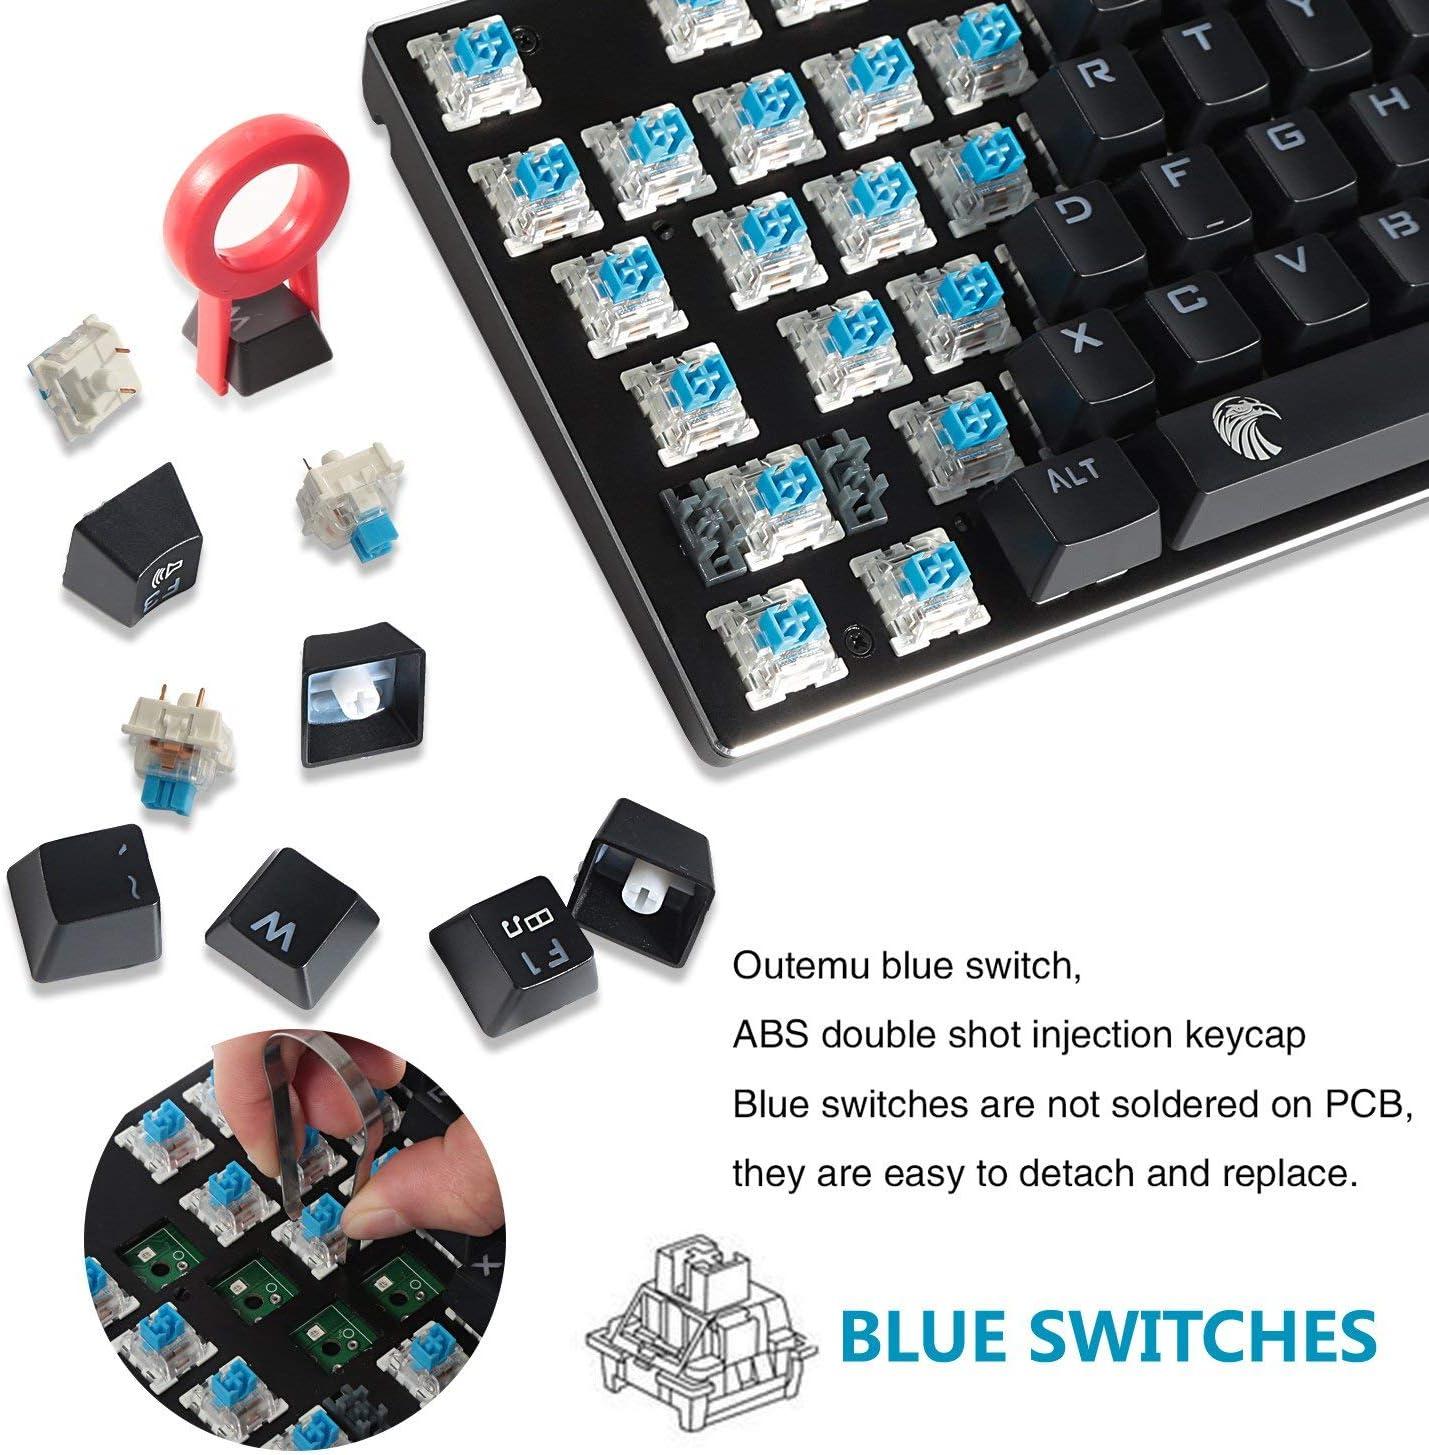 WSY Clavier mécanique de Jeu, Petit Design Ergonomique Compact en Aluminium pour Les Joueurs (Interrupteur Noir, Bleu) Blue